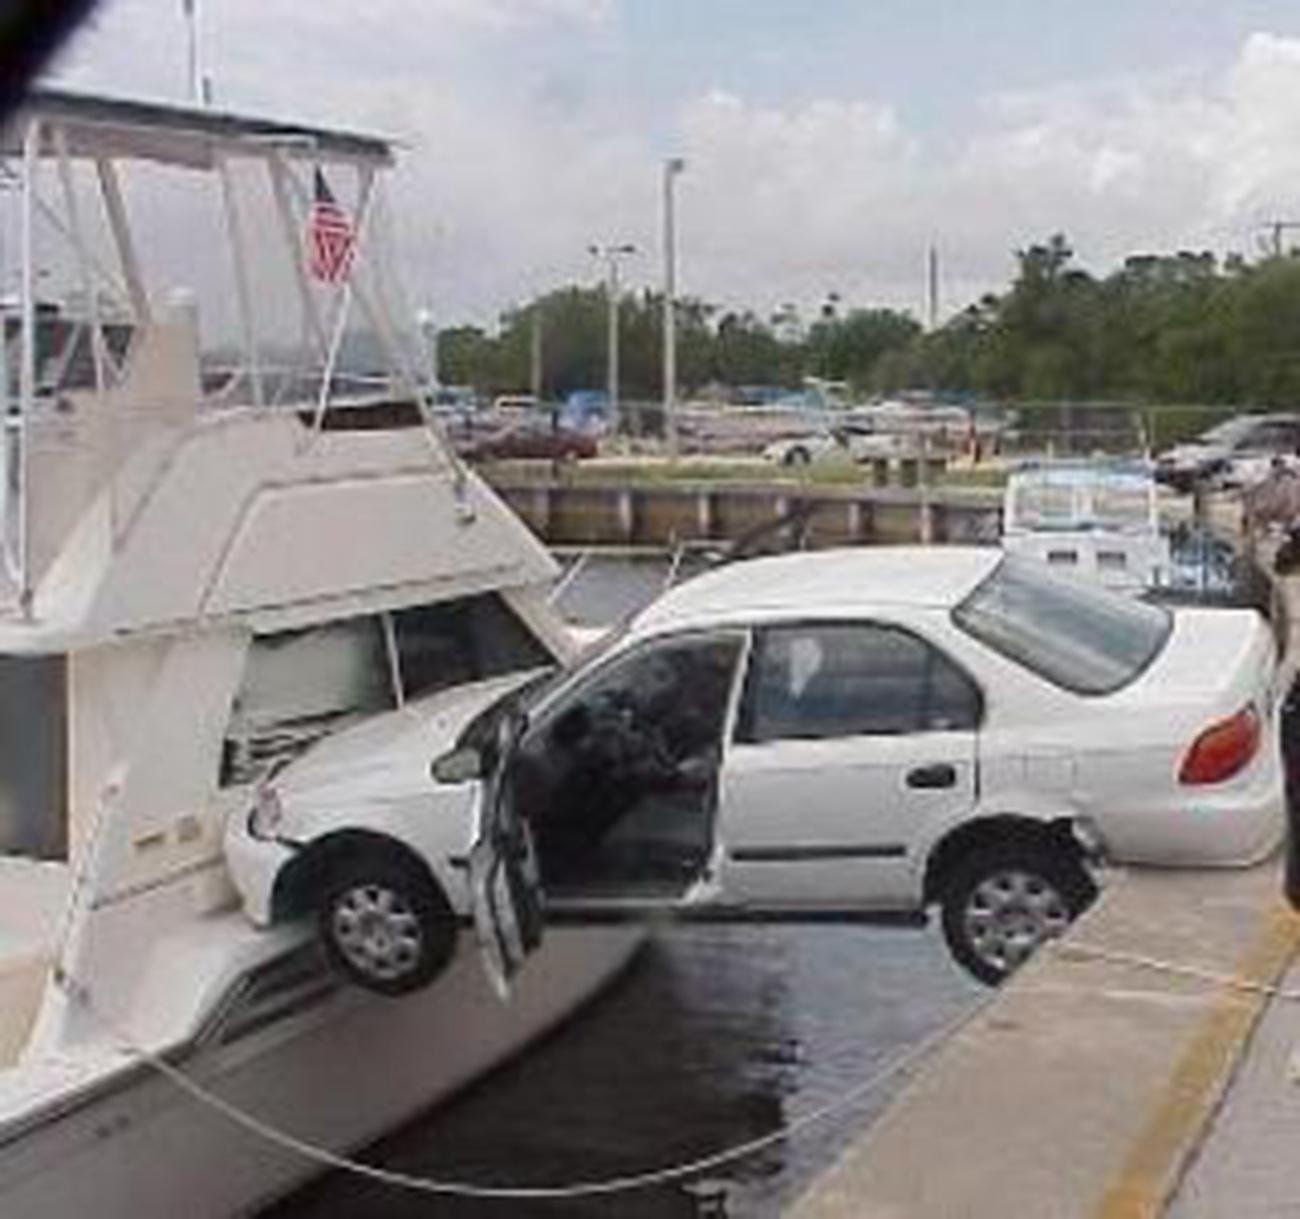 Fatal Car Accident Photos: Pics Of Bad Car Accidents